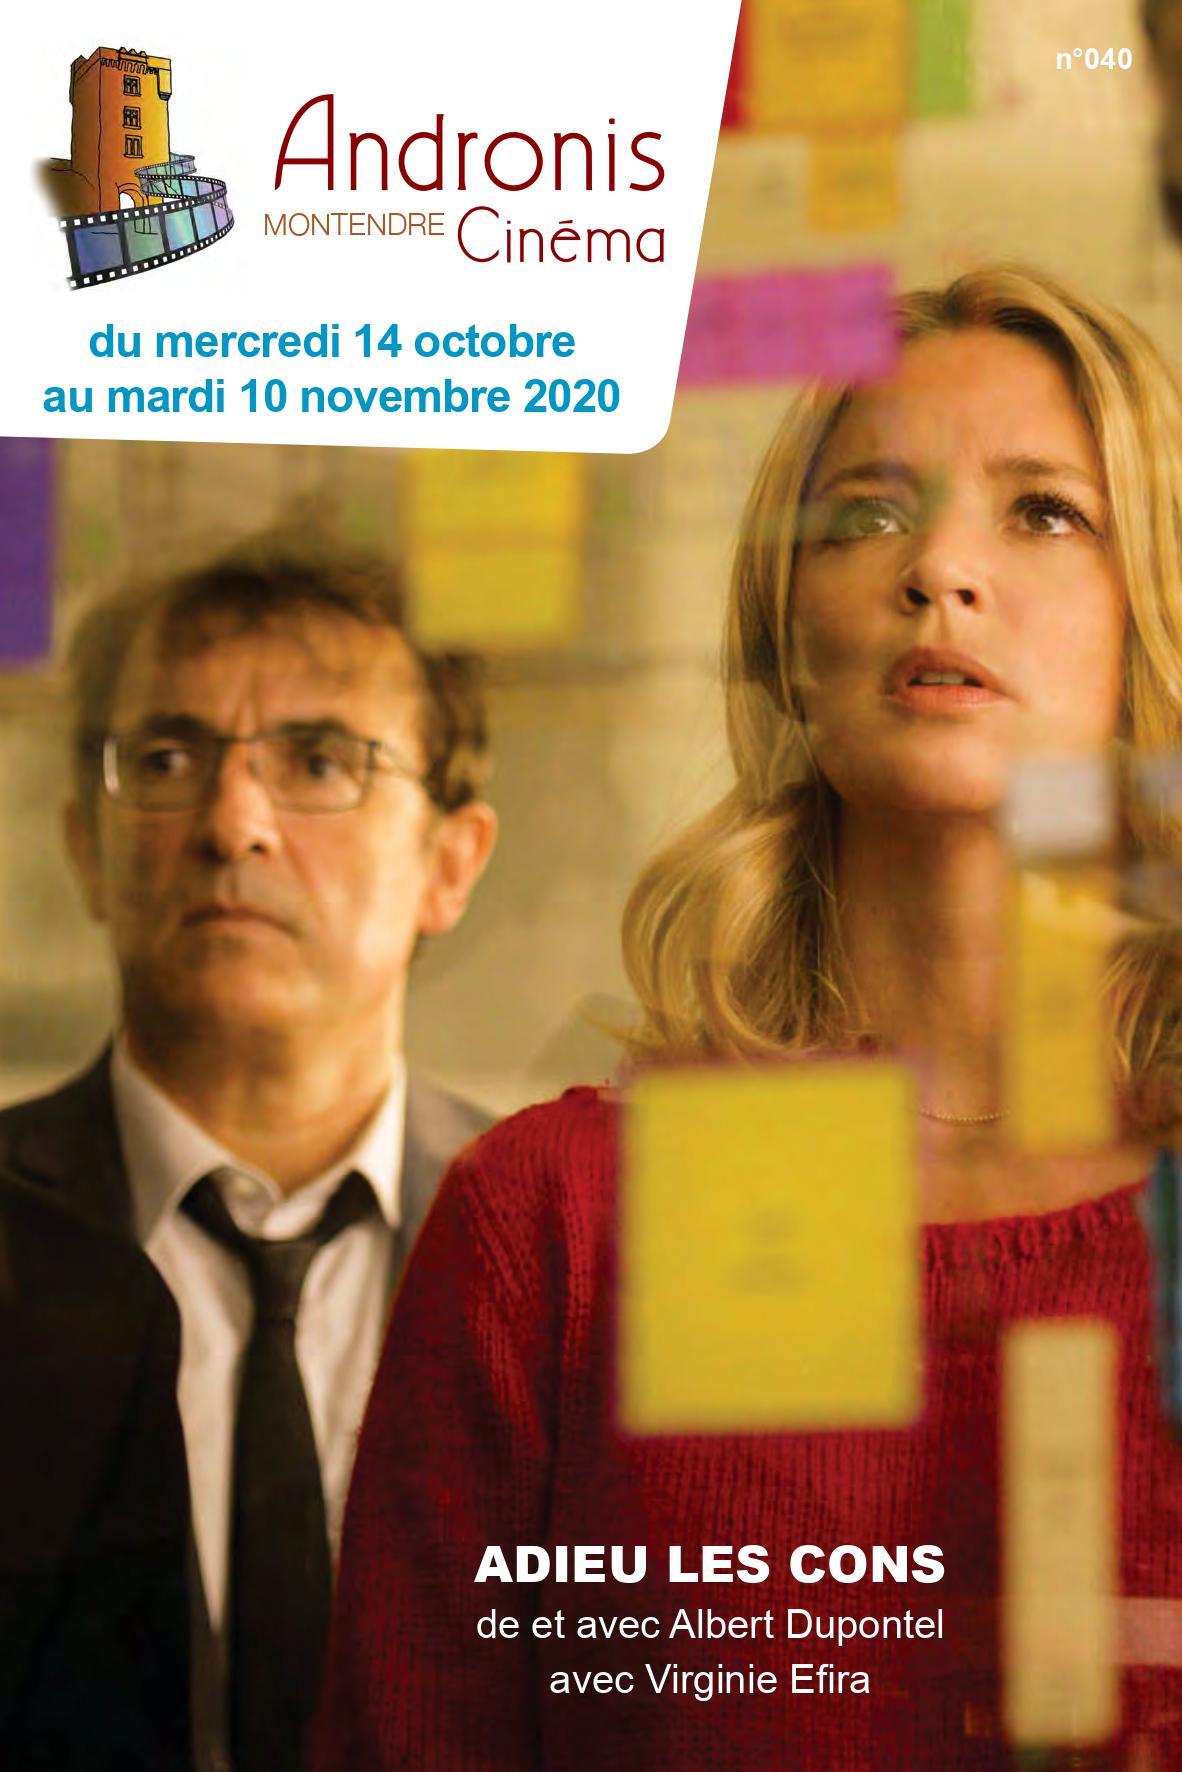 Télécharger le programme (du 14/10 au 10/11)